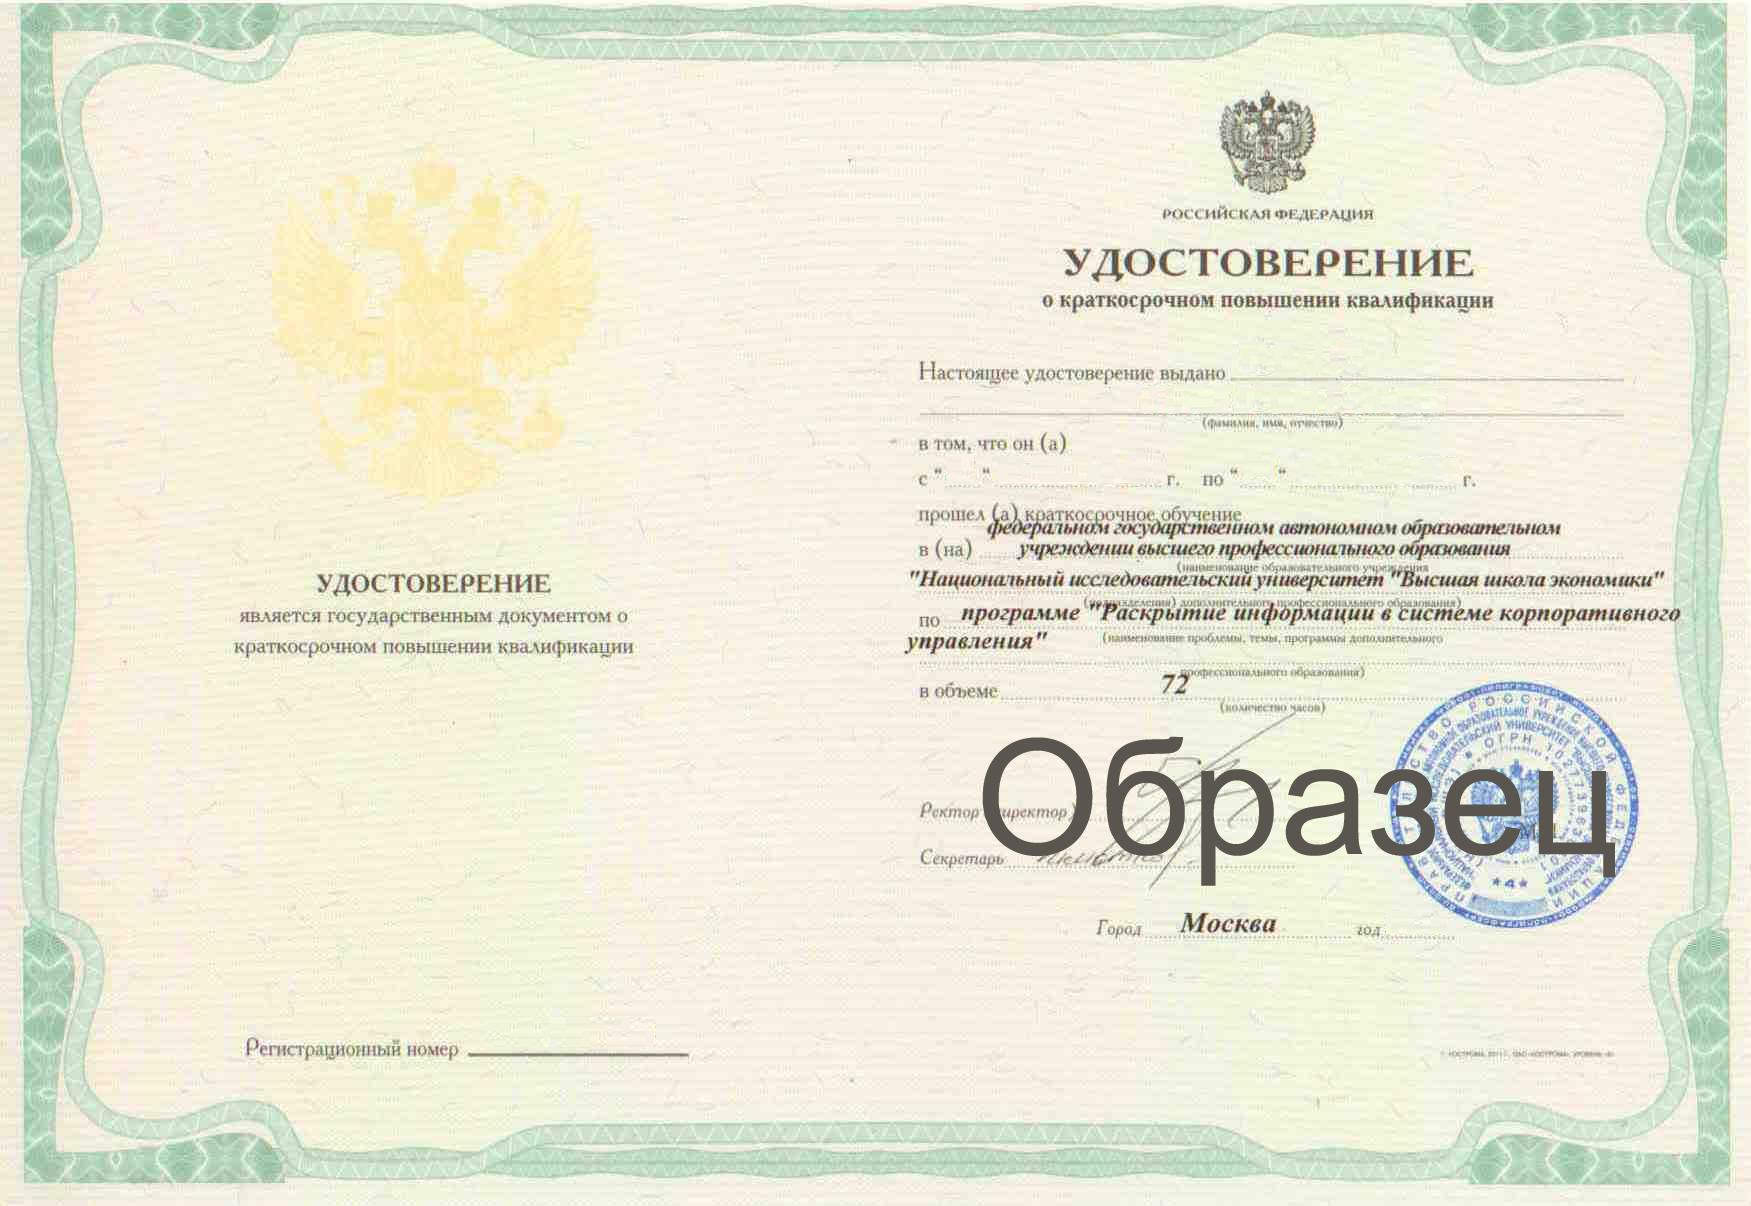 Образец квалификационного удостоверения